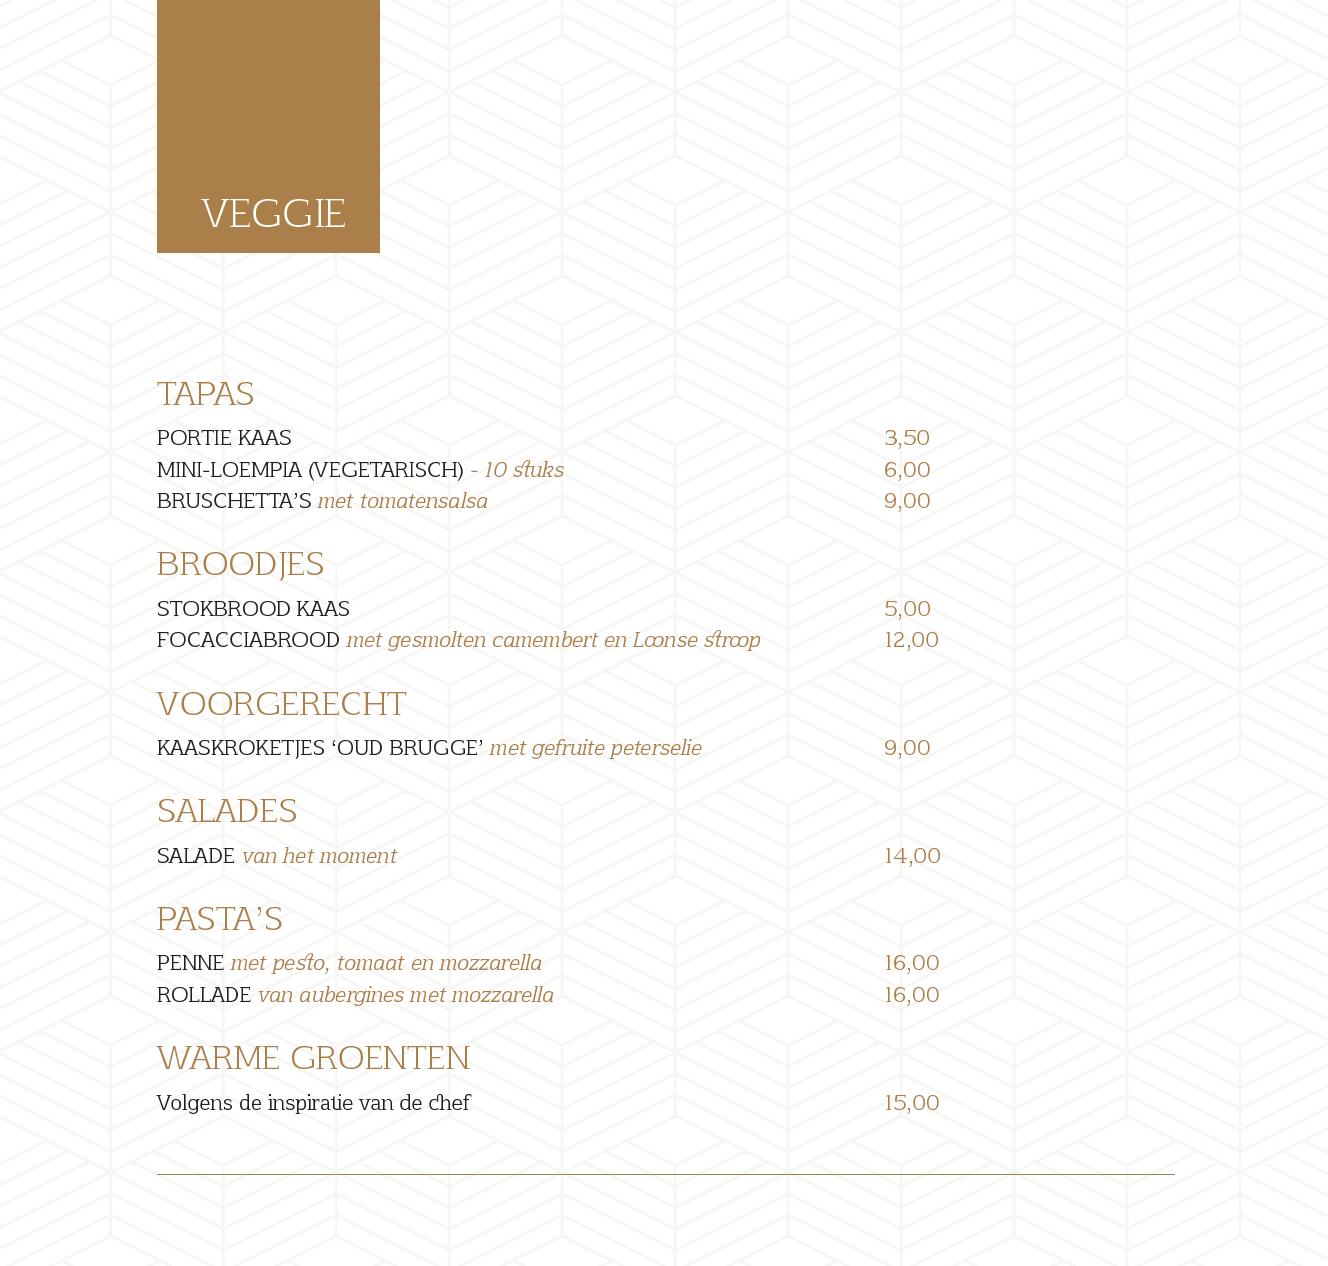 menukaart 22